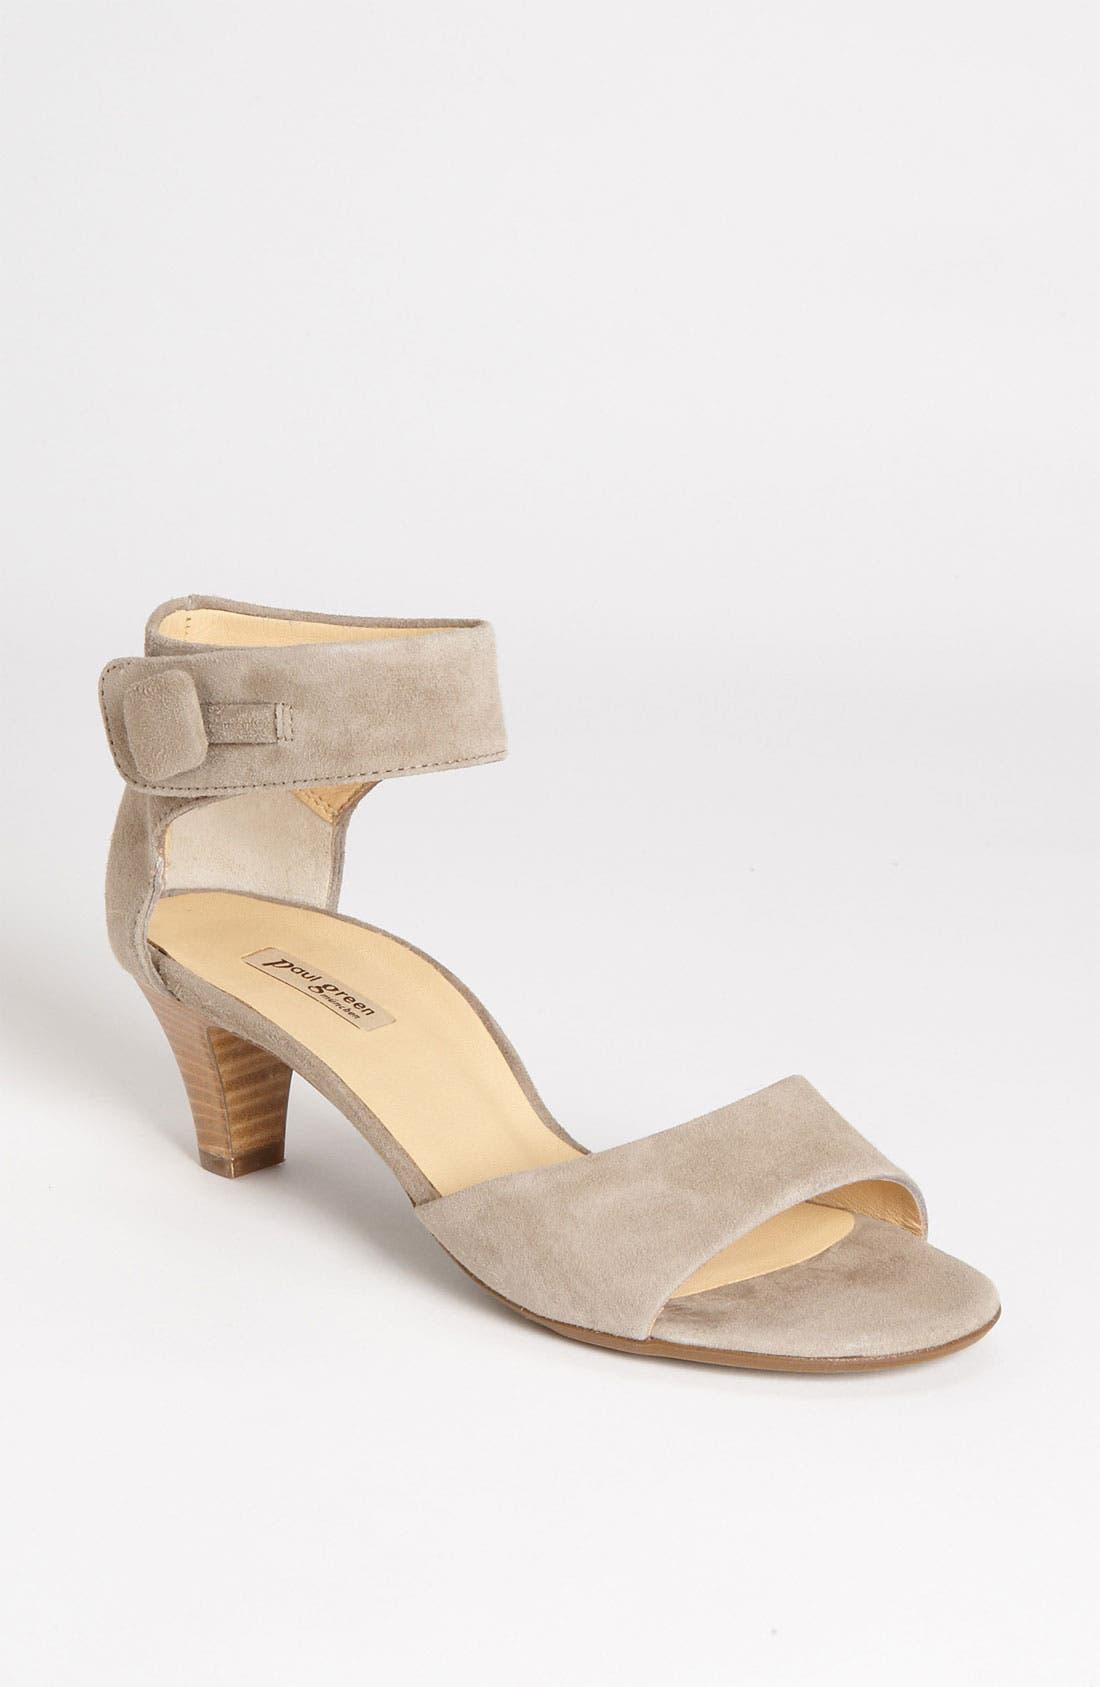 Alternate Image 1 Selected - Paul Green 'Maya' Sandal